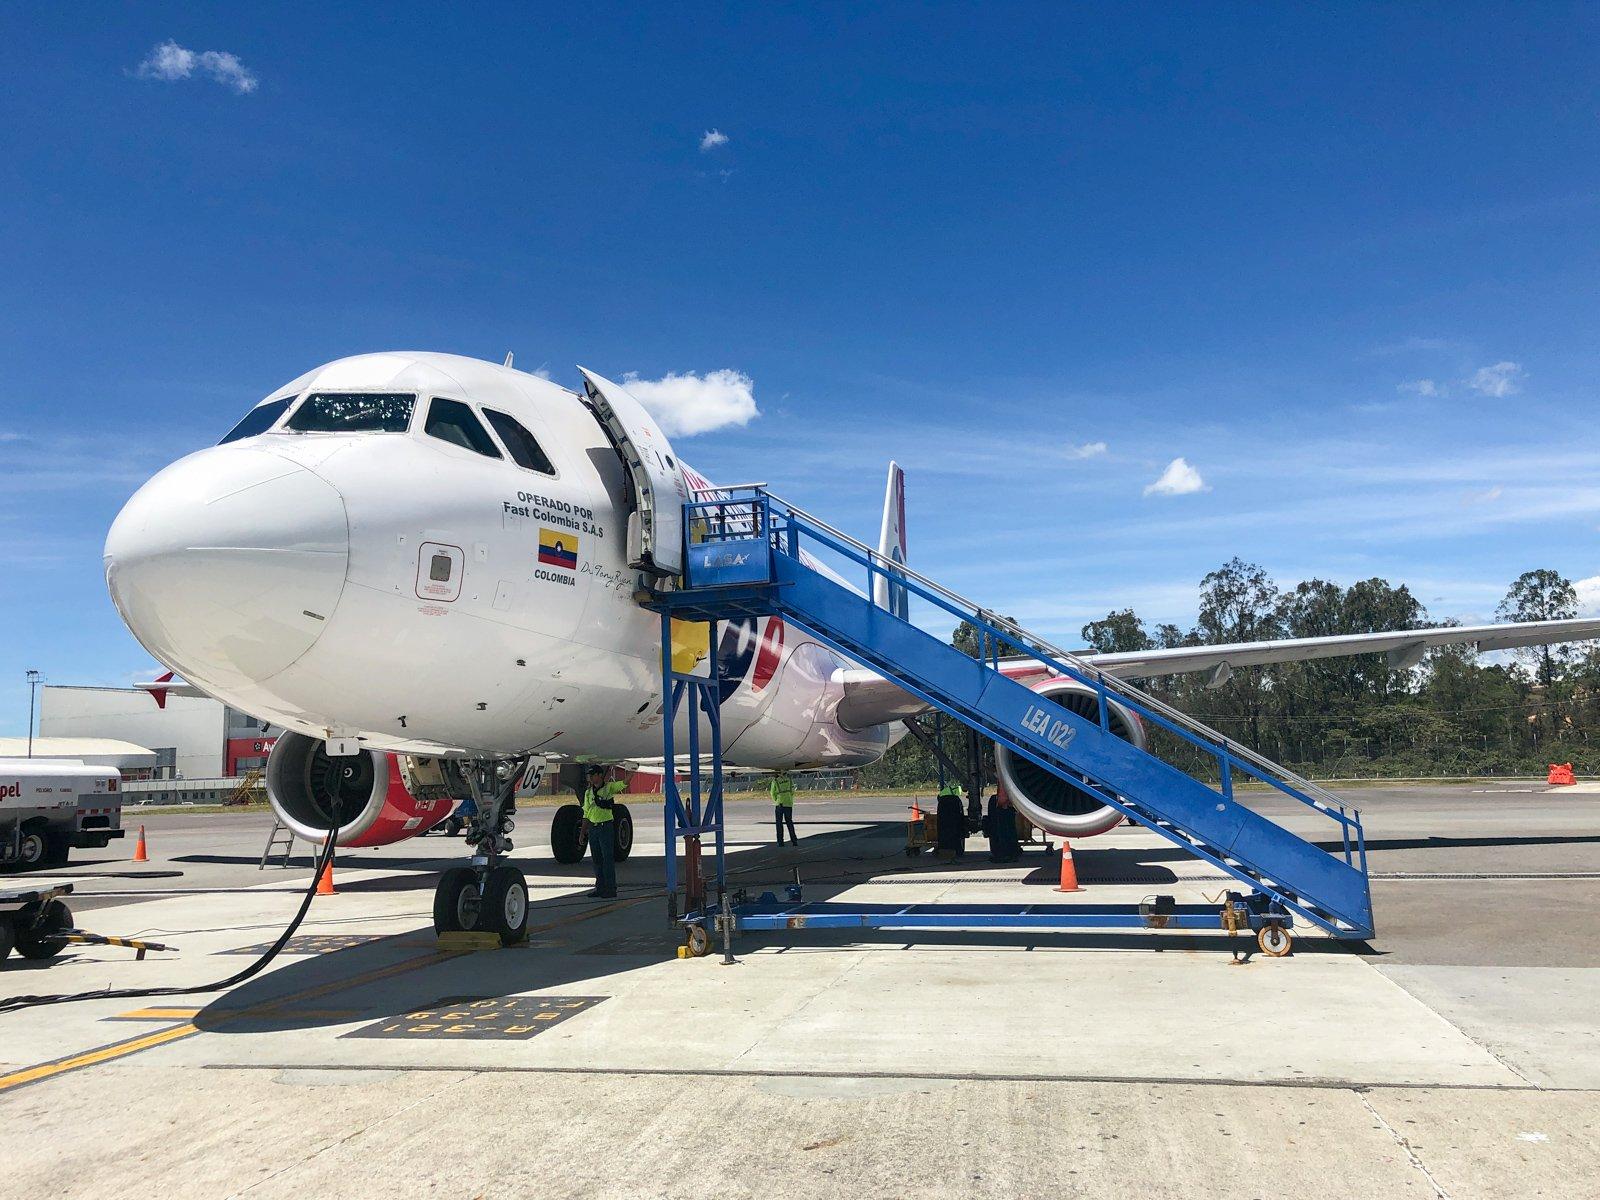 Viva plane on tarmac in Medellin